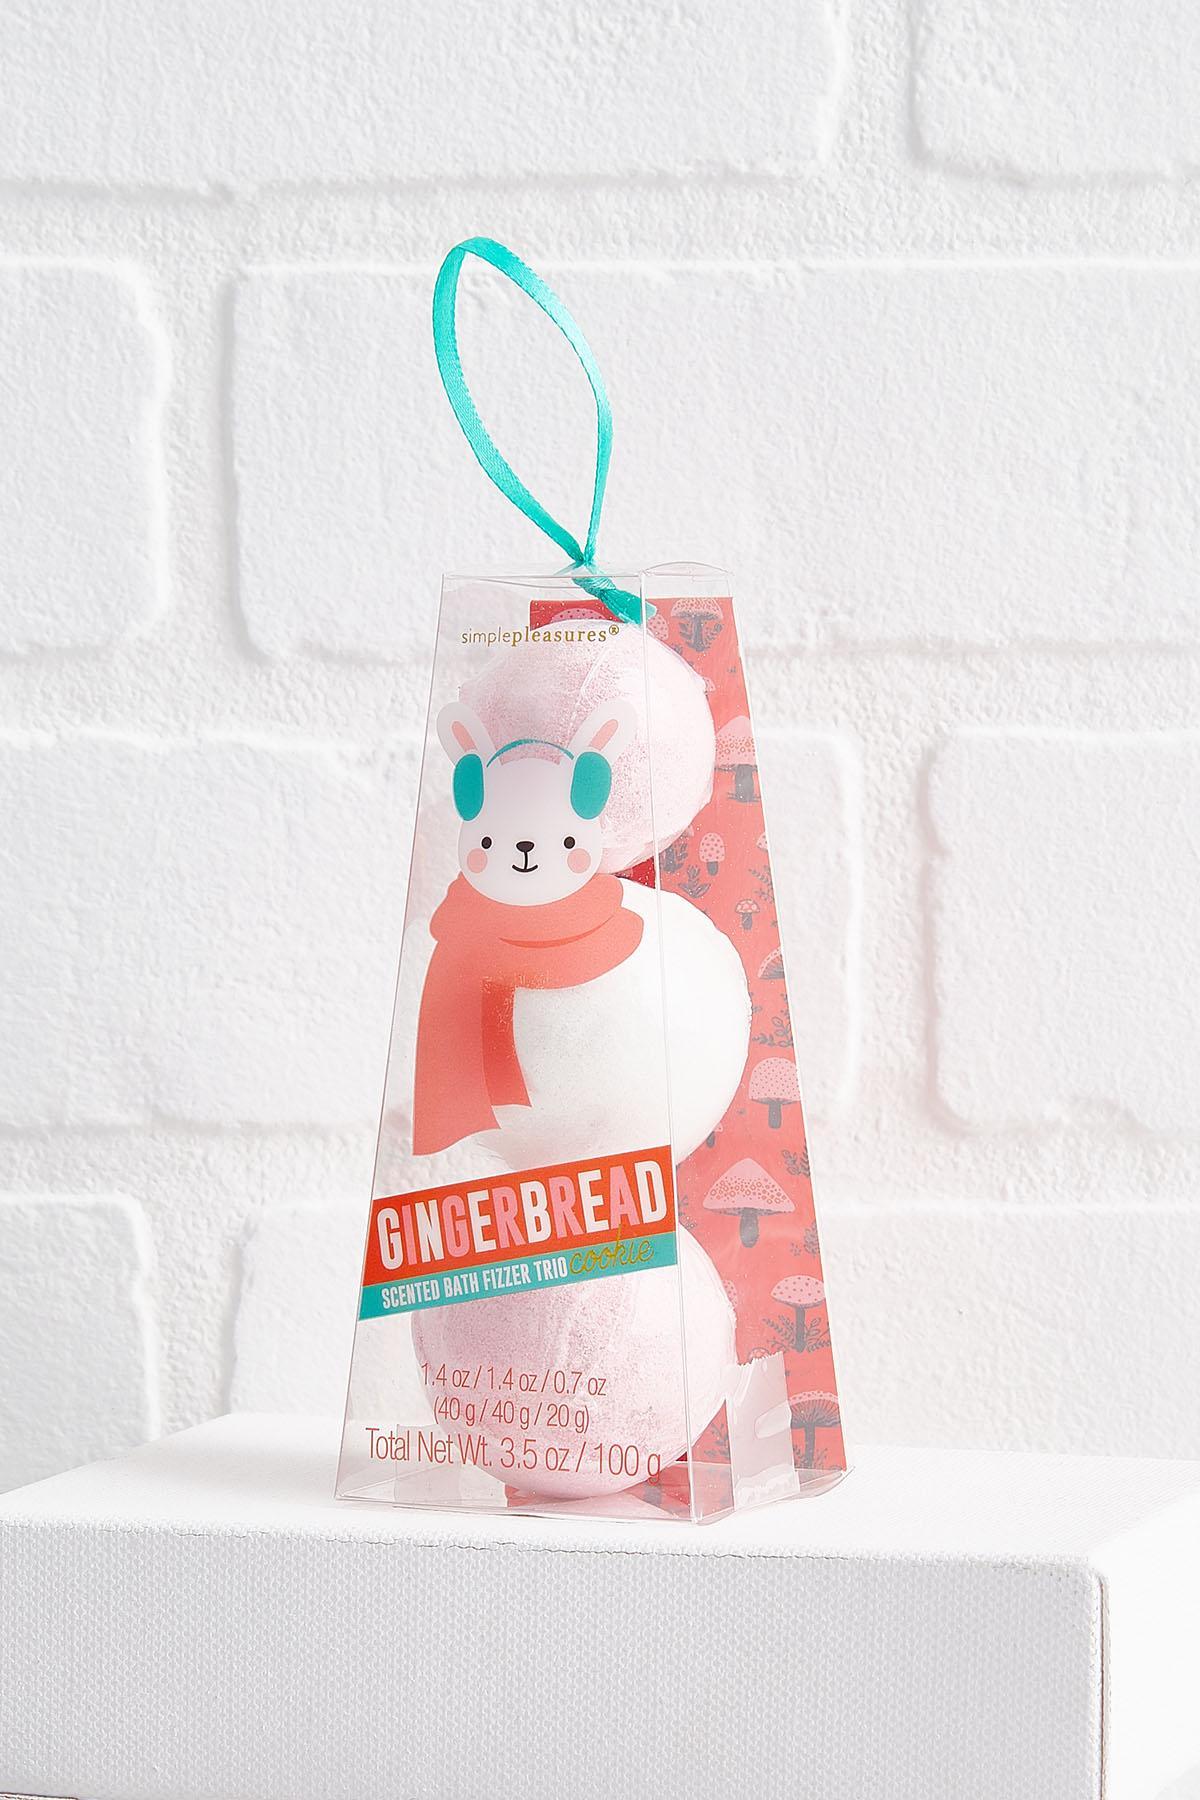 Gingerbread Bunny Bath Fizz